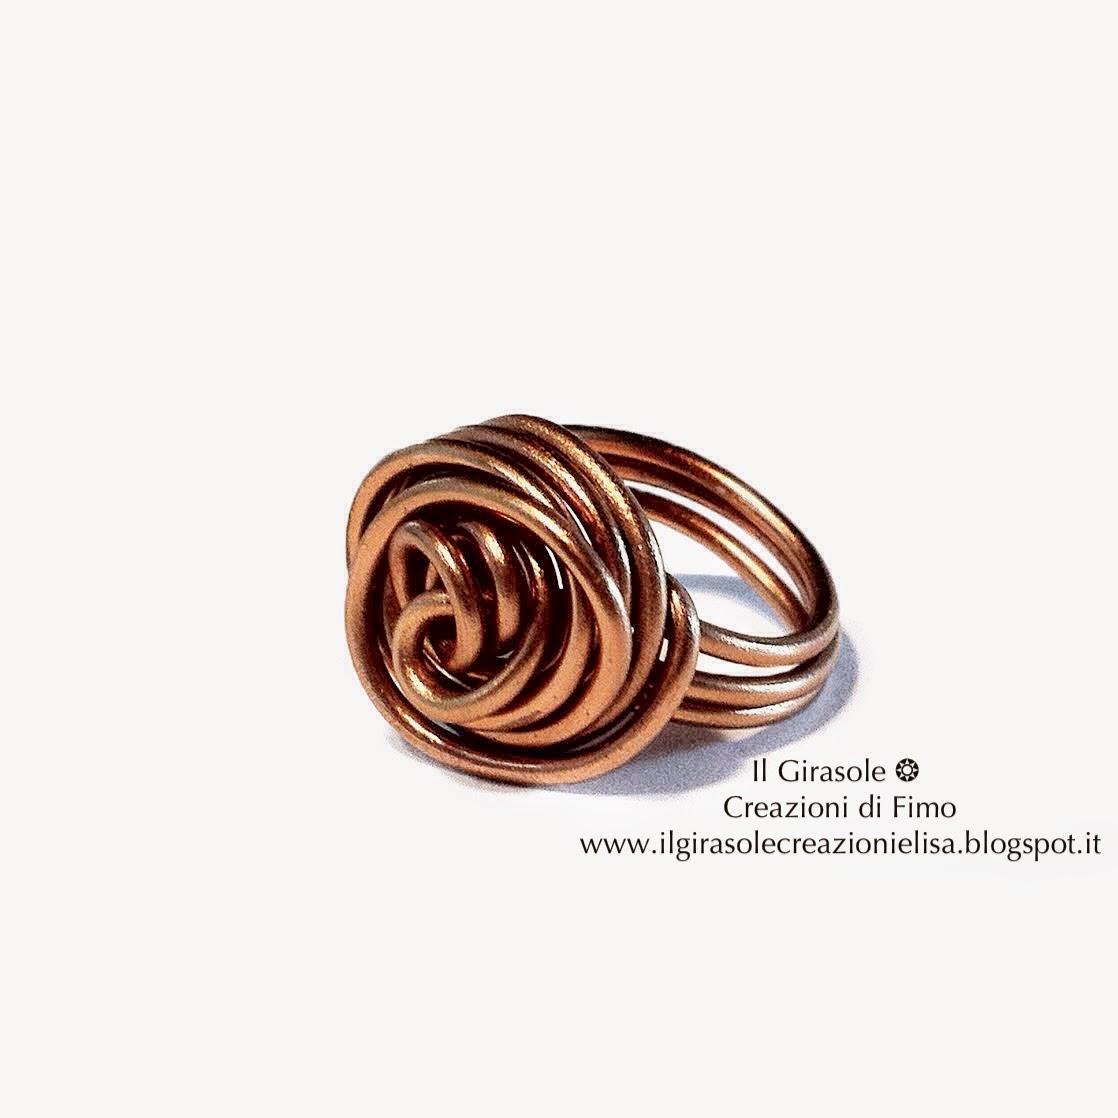 Amato Anello in Wire con Rosa a Spirale - Il GiraSole ❂ IK98